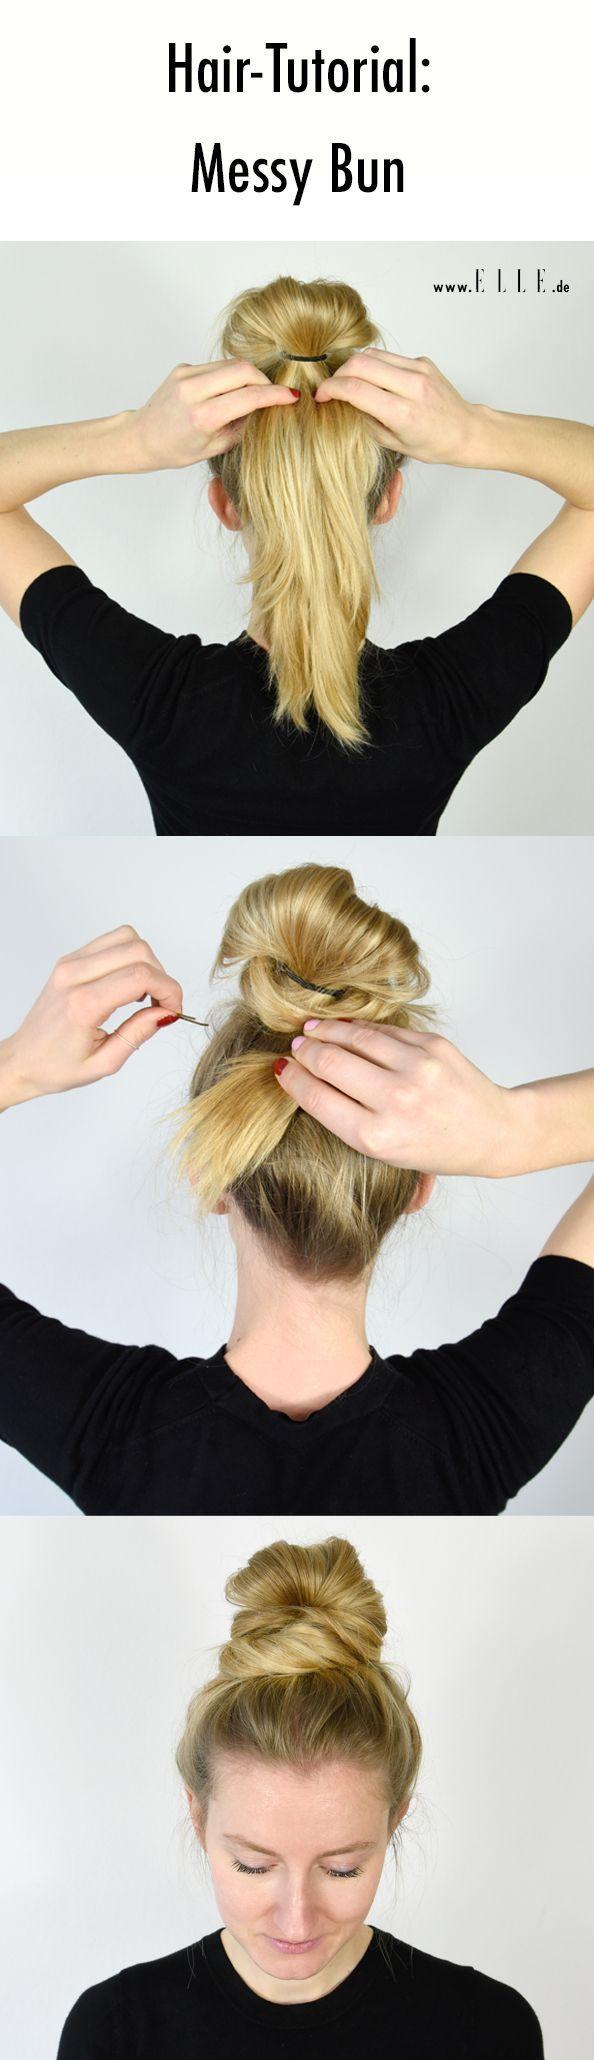 Trois coiffures rapides qui tiennent chaque femme